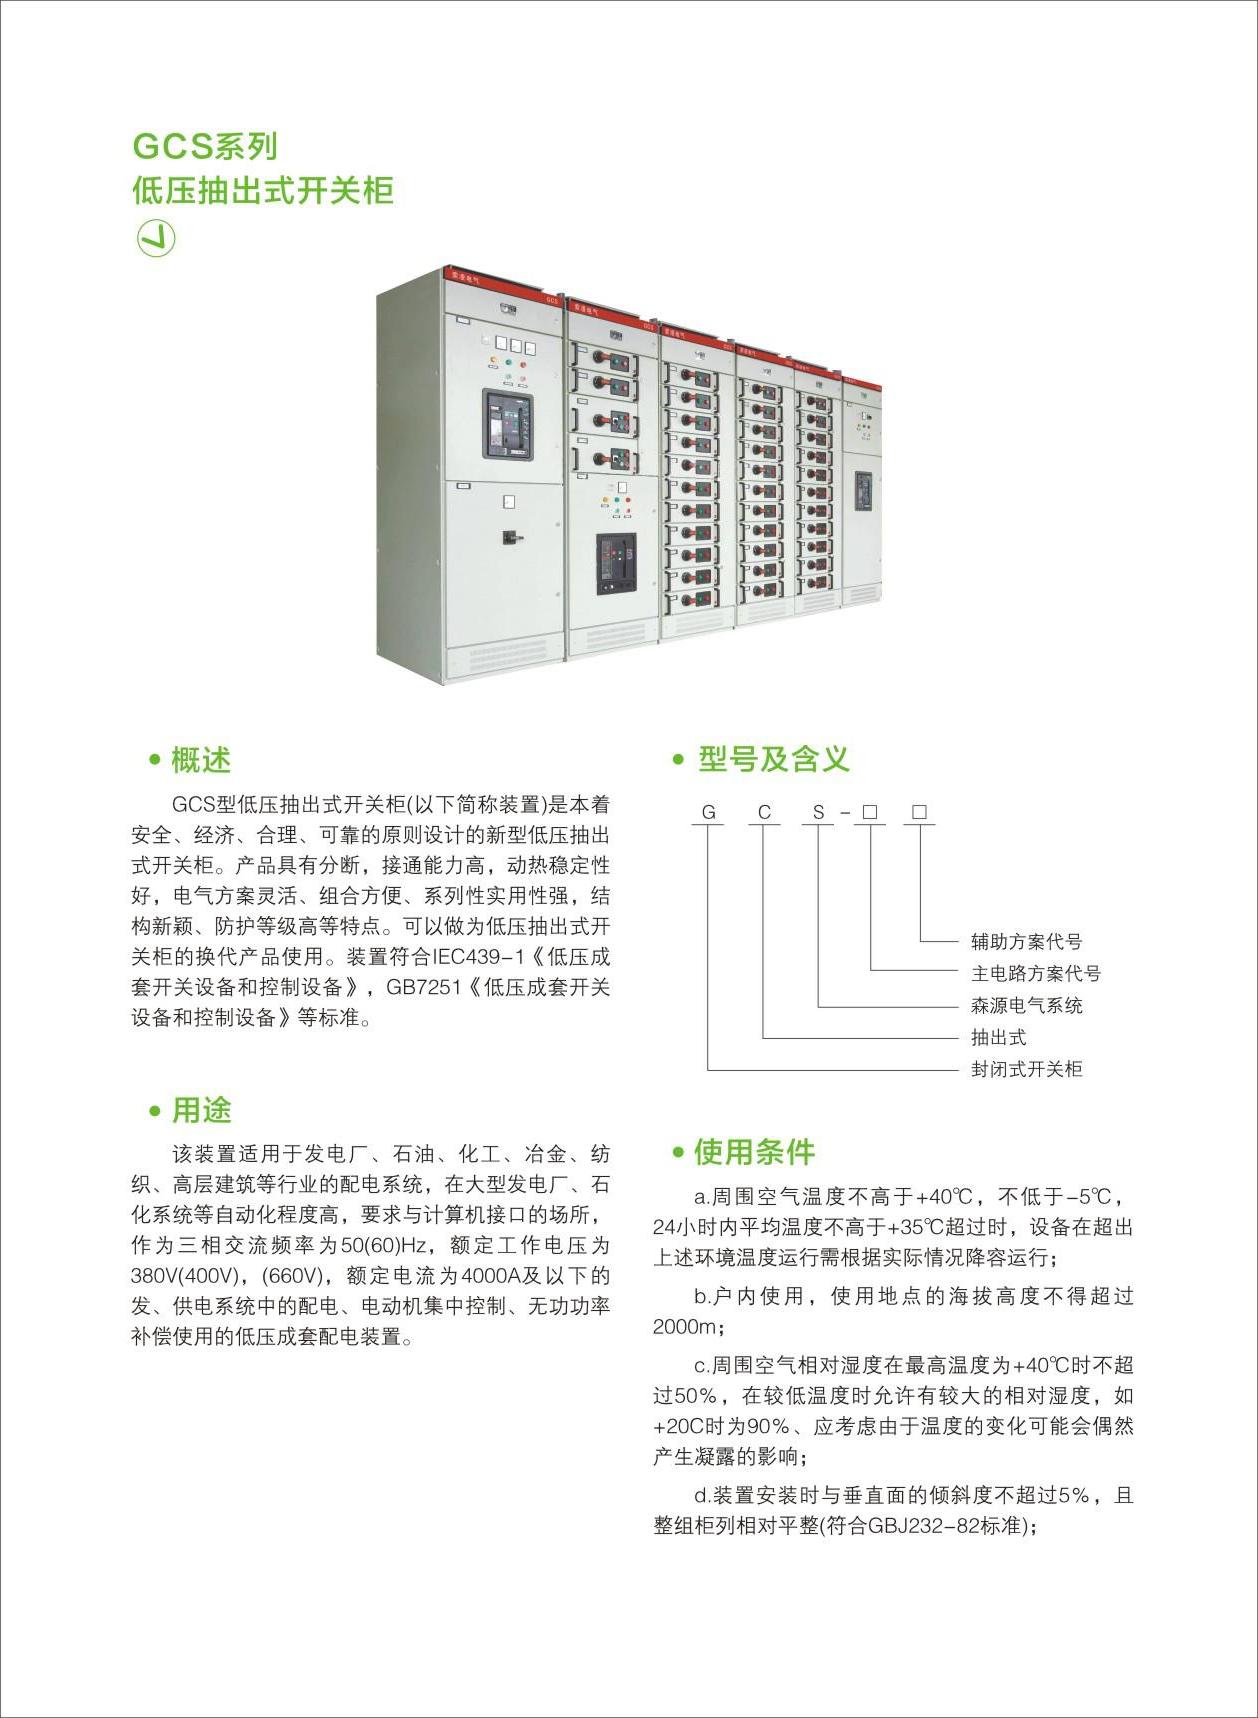 GCS系列低压抽出式开关柜-01